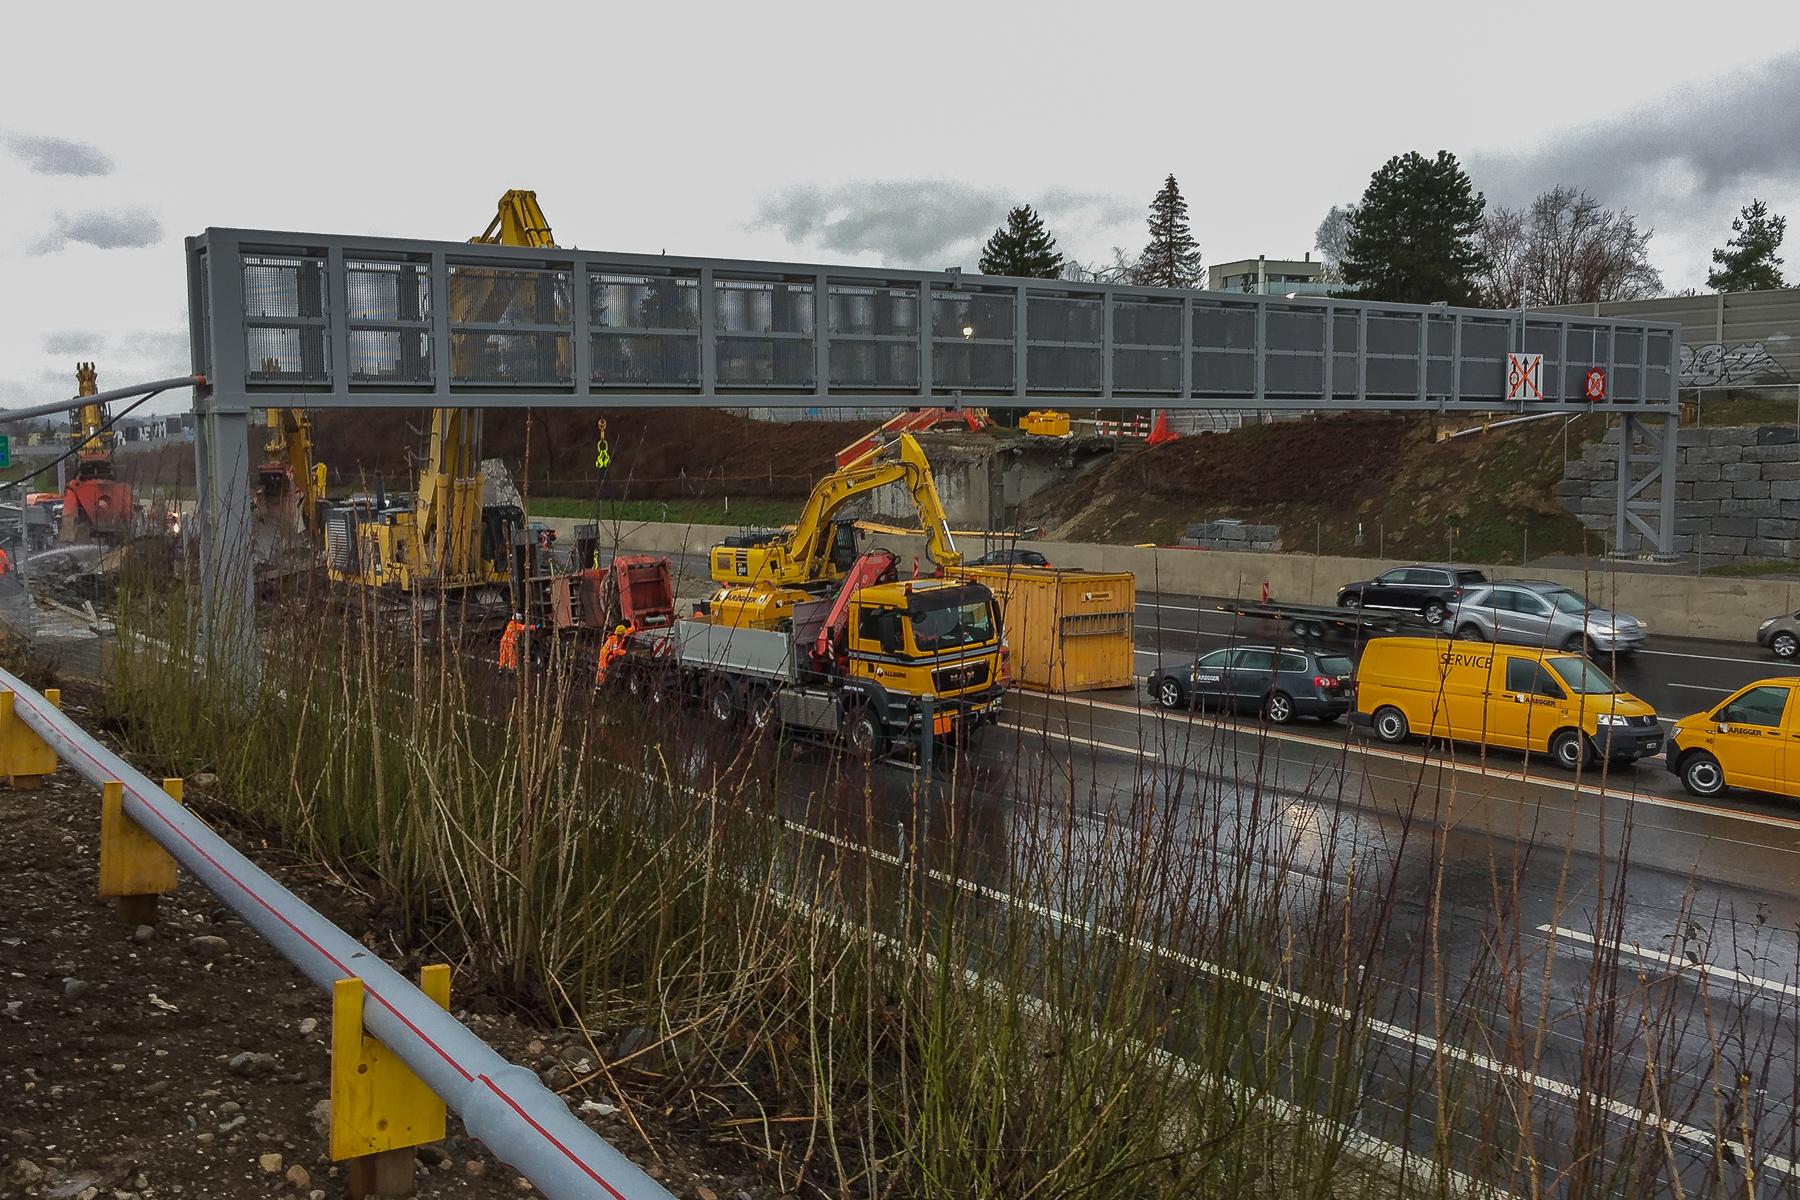 Rückbau Autobahnüberführung Brüttisellen-Wangen - Hans-Peter Breiter - www.zeitbilder.ch